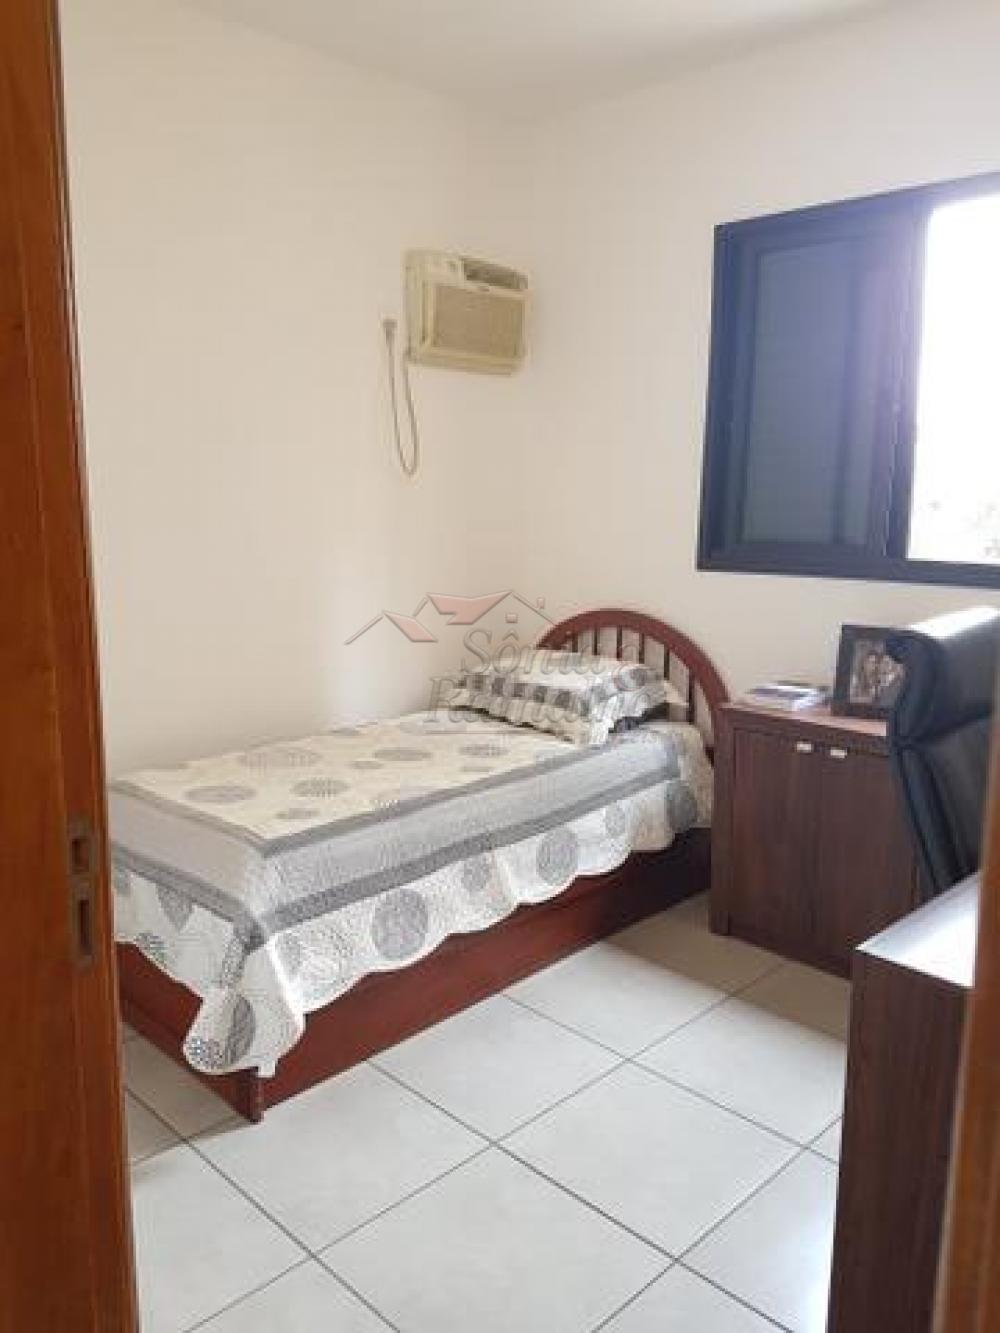 Comprar Apartamentos / Padrão em Ribeirão Preto apenas R$ 300.000,00 - Foto 11